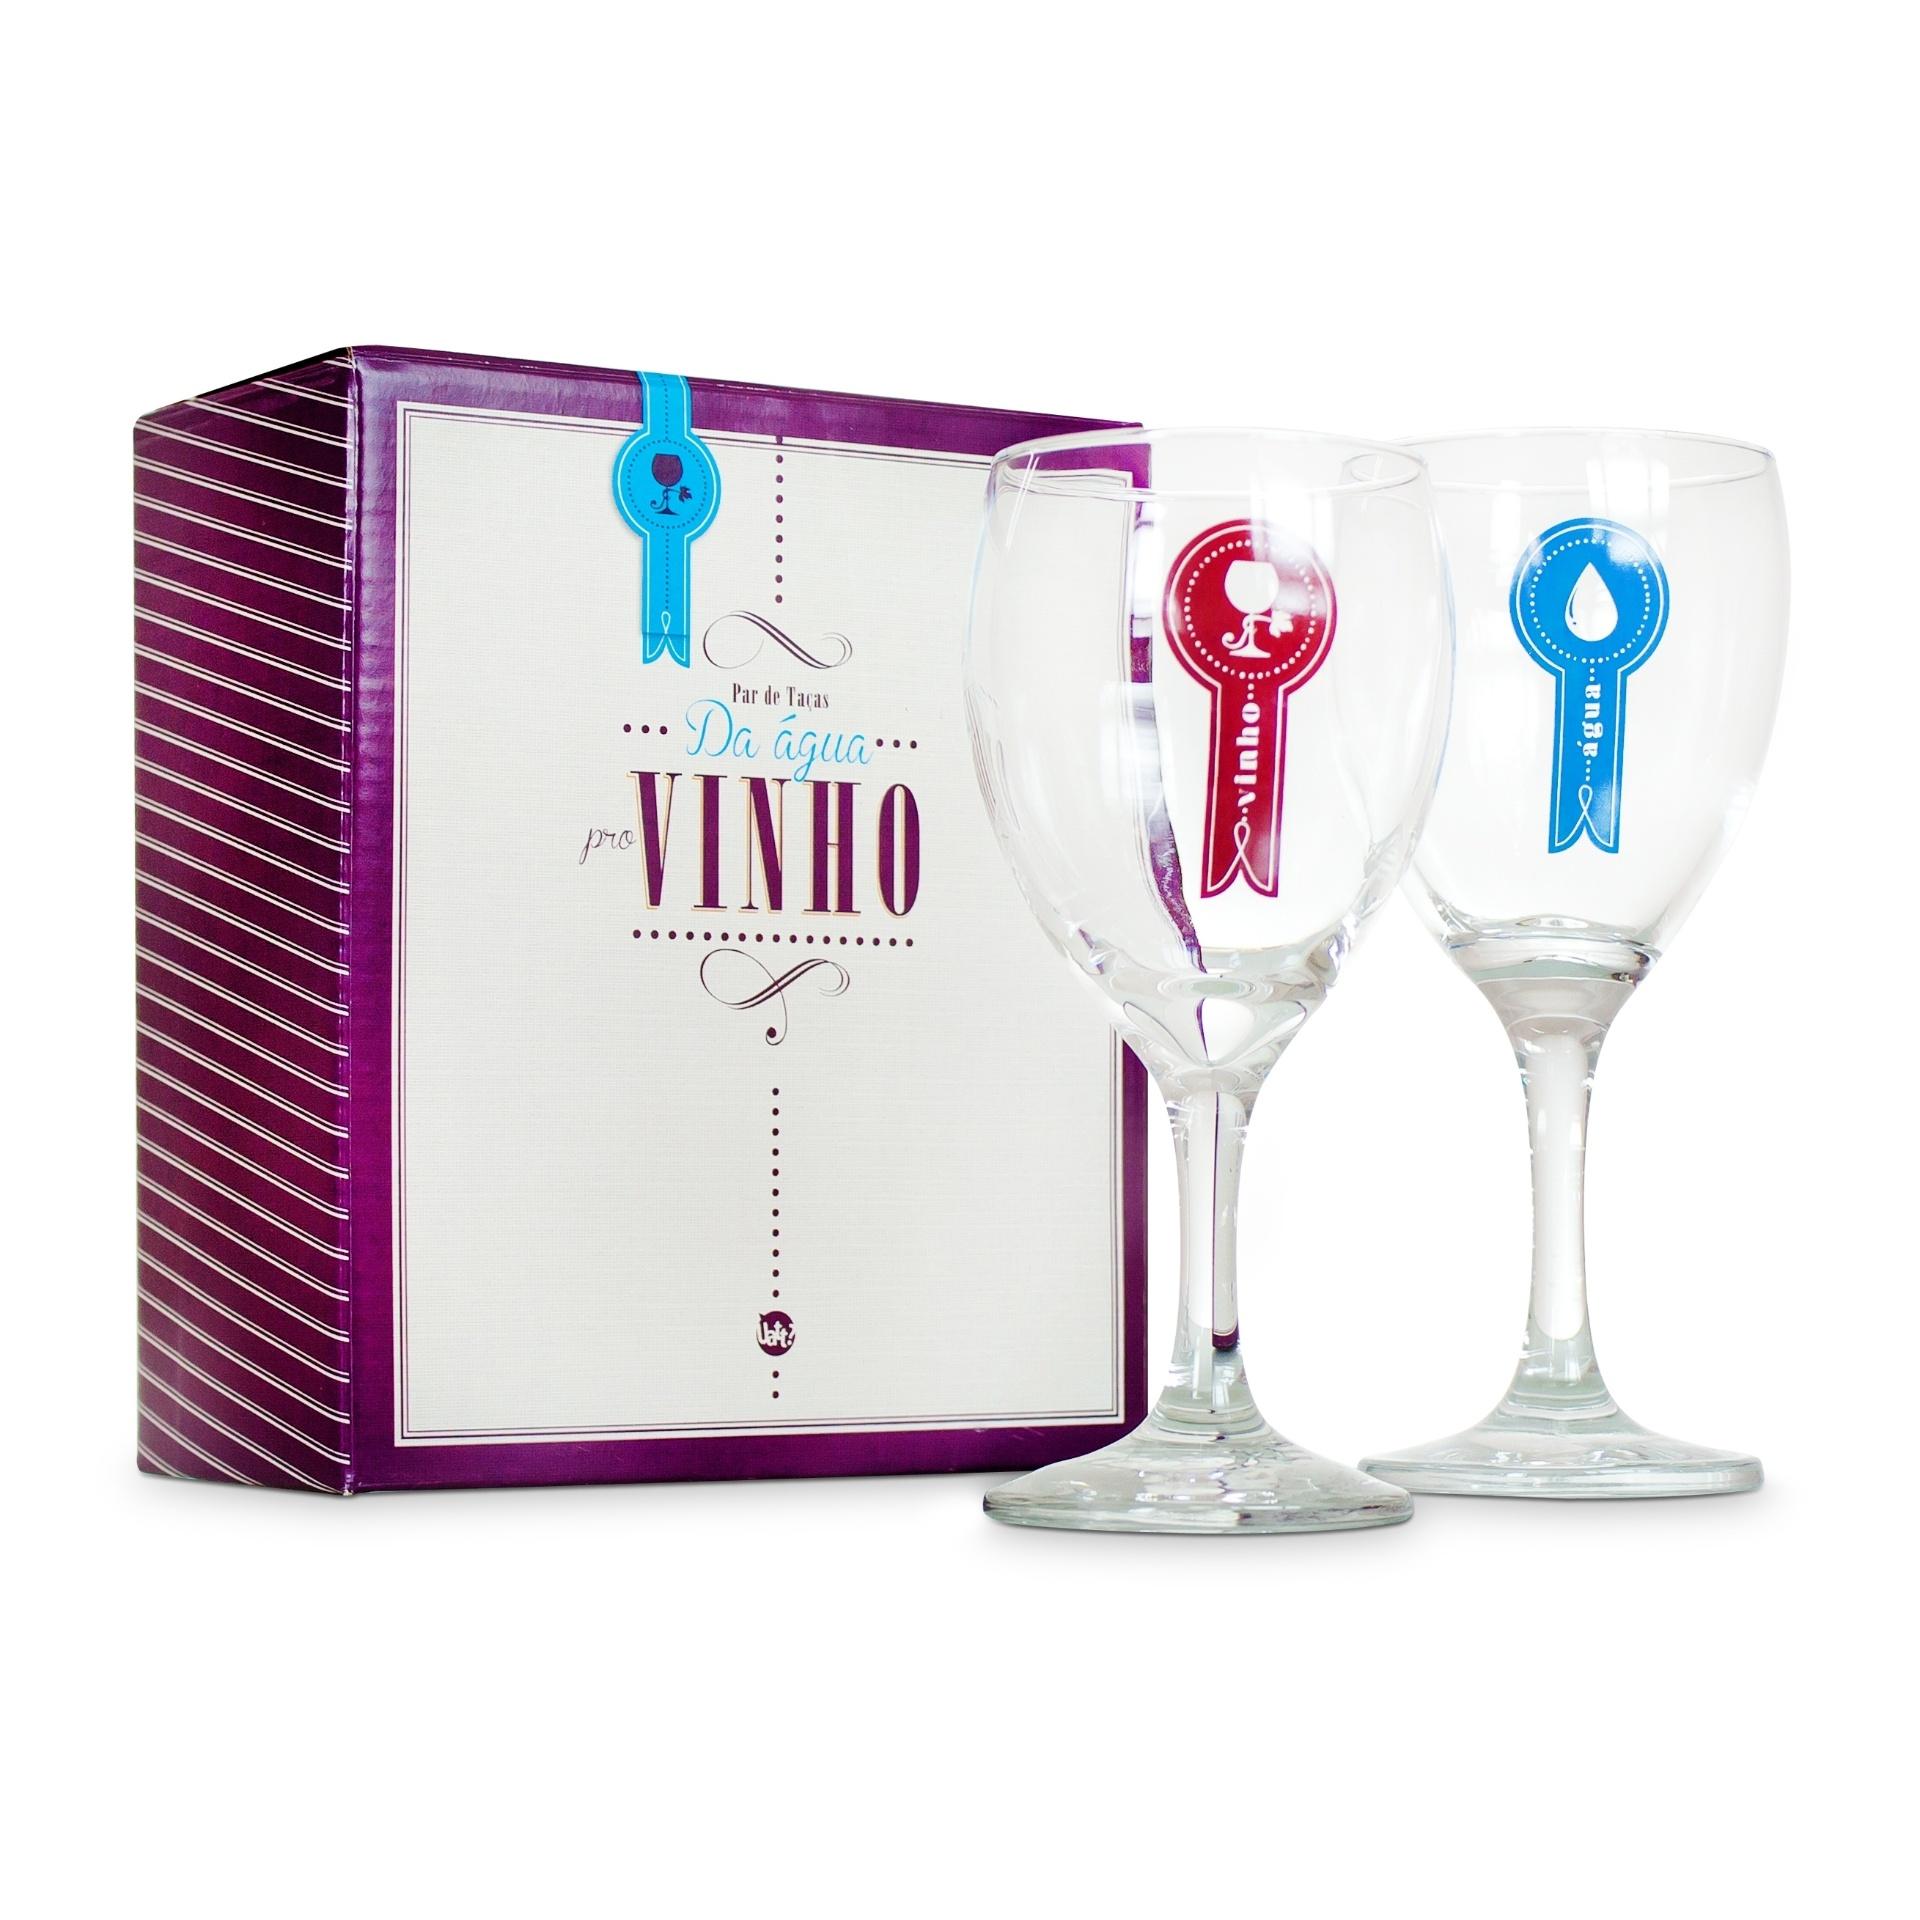 O par de taças Da Água pro Vinho, feito de vidro, pode ser comprado na Uatt (www.lojauatt.com.br) | Para outras informações, consulte o fornecedor